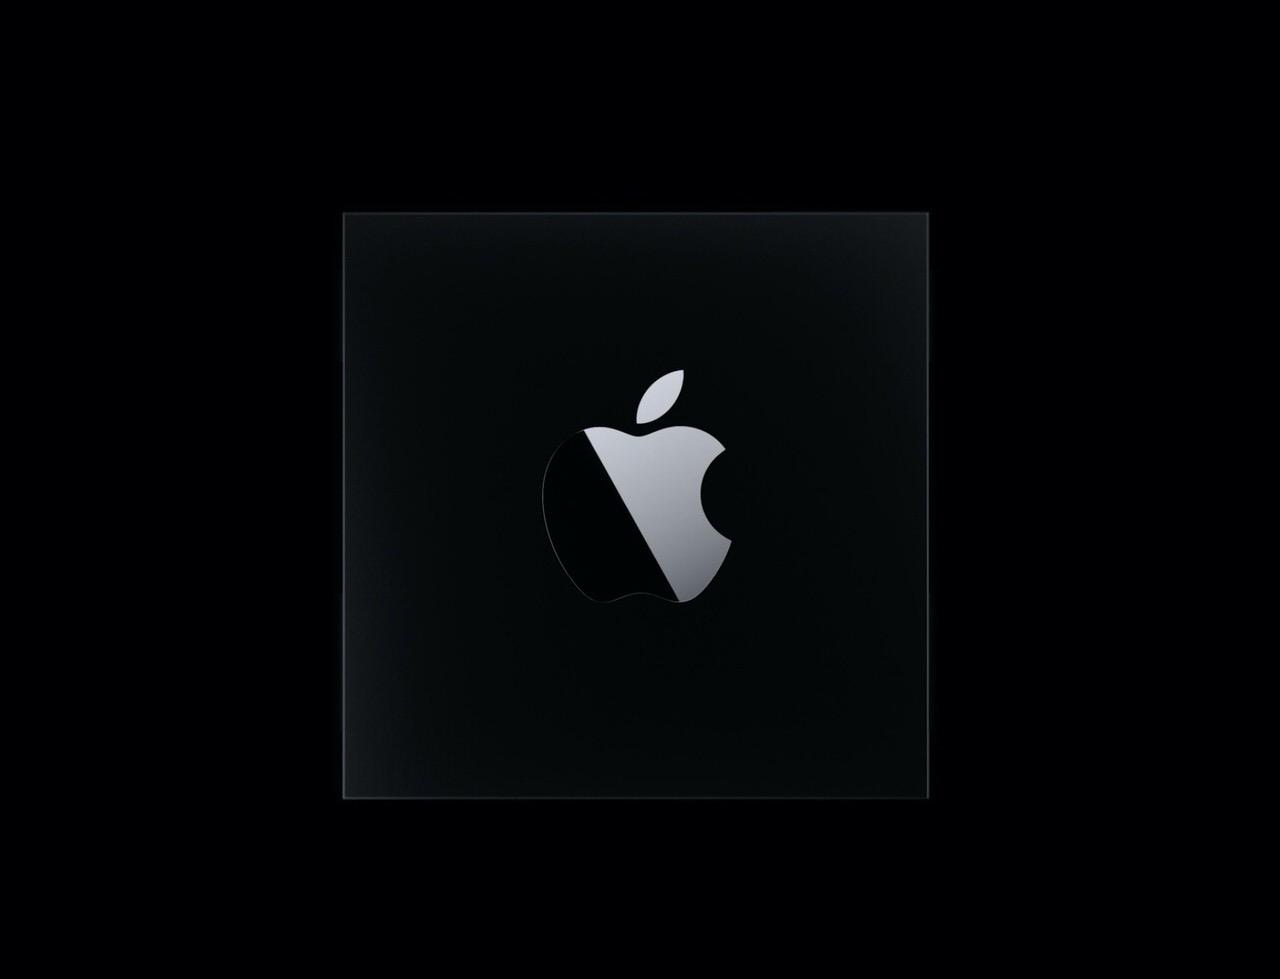 Apple、Macを自社製ARMプロセッサ「Apple Silicon」に移行すると発表